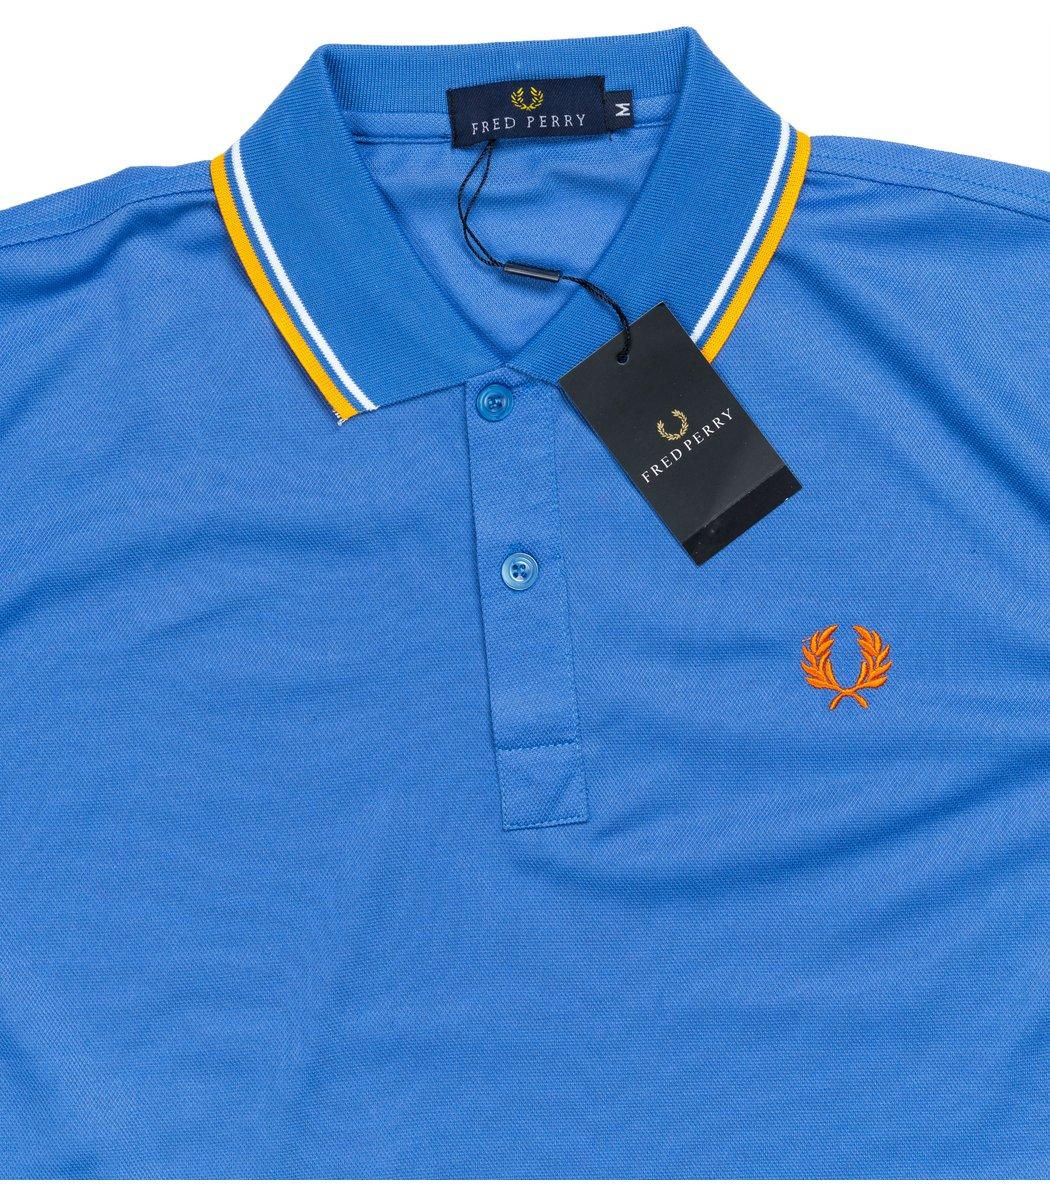 Мужская синяя футболка поло Fred Perry  - синий - Вид 4